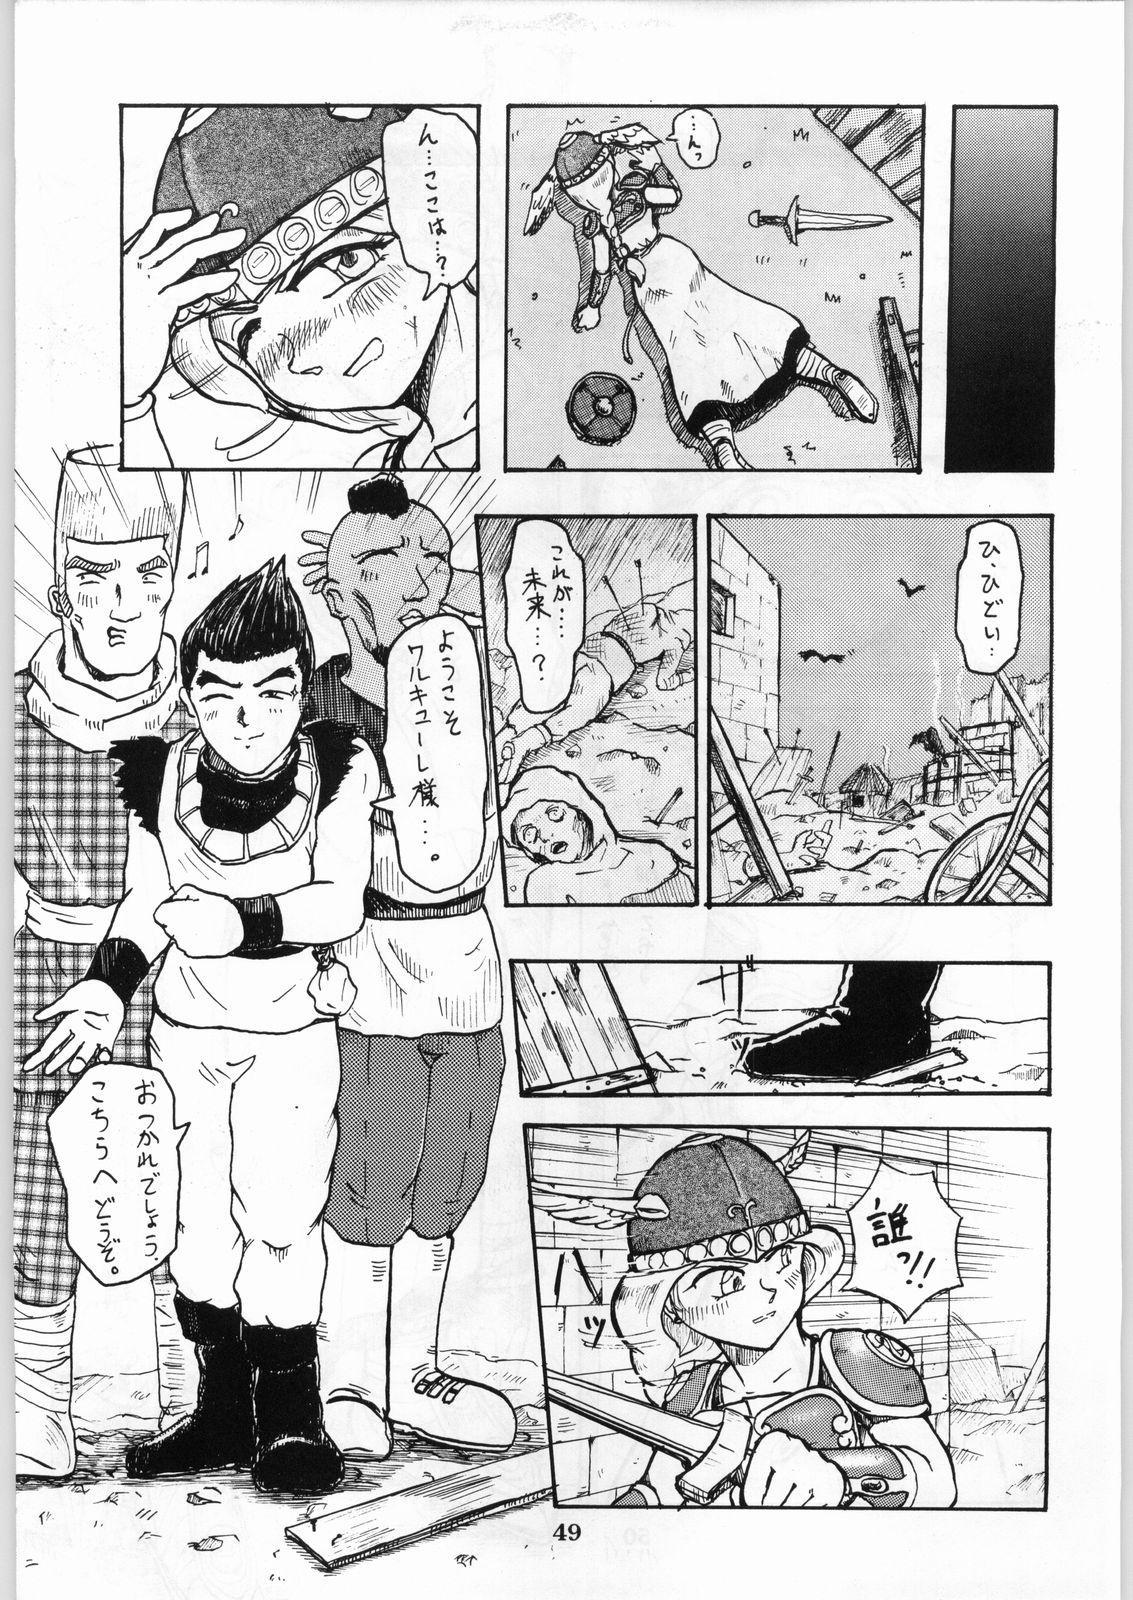 Shikiyoku Hokkedan 8 48